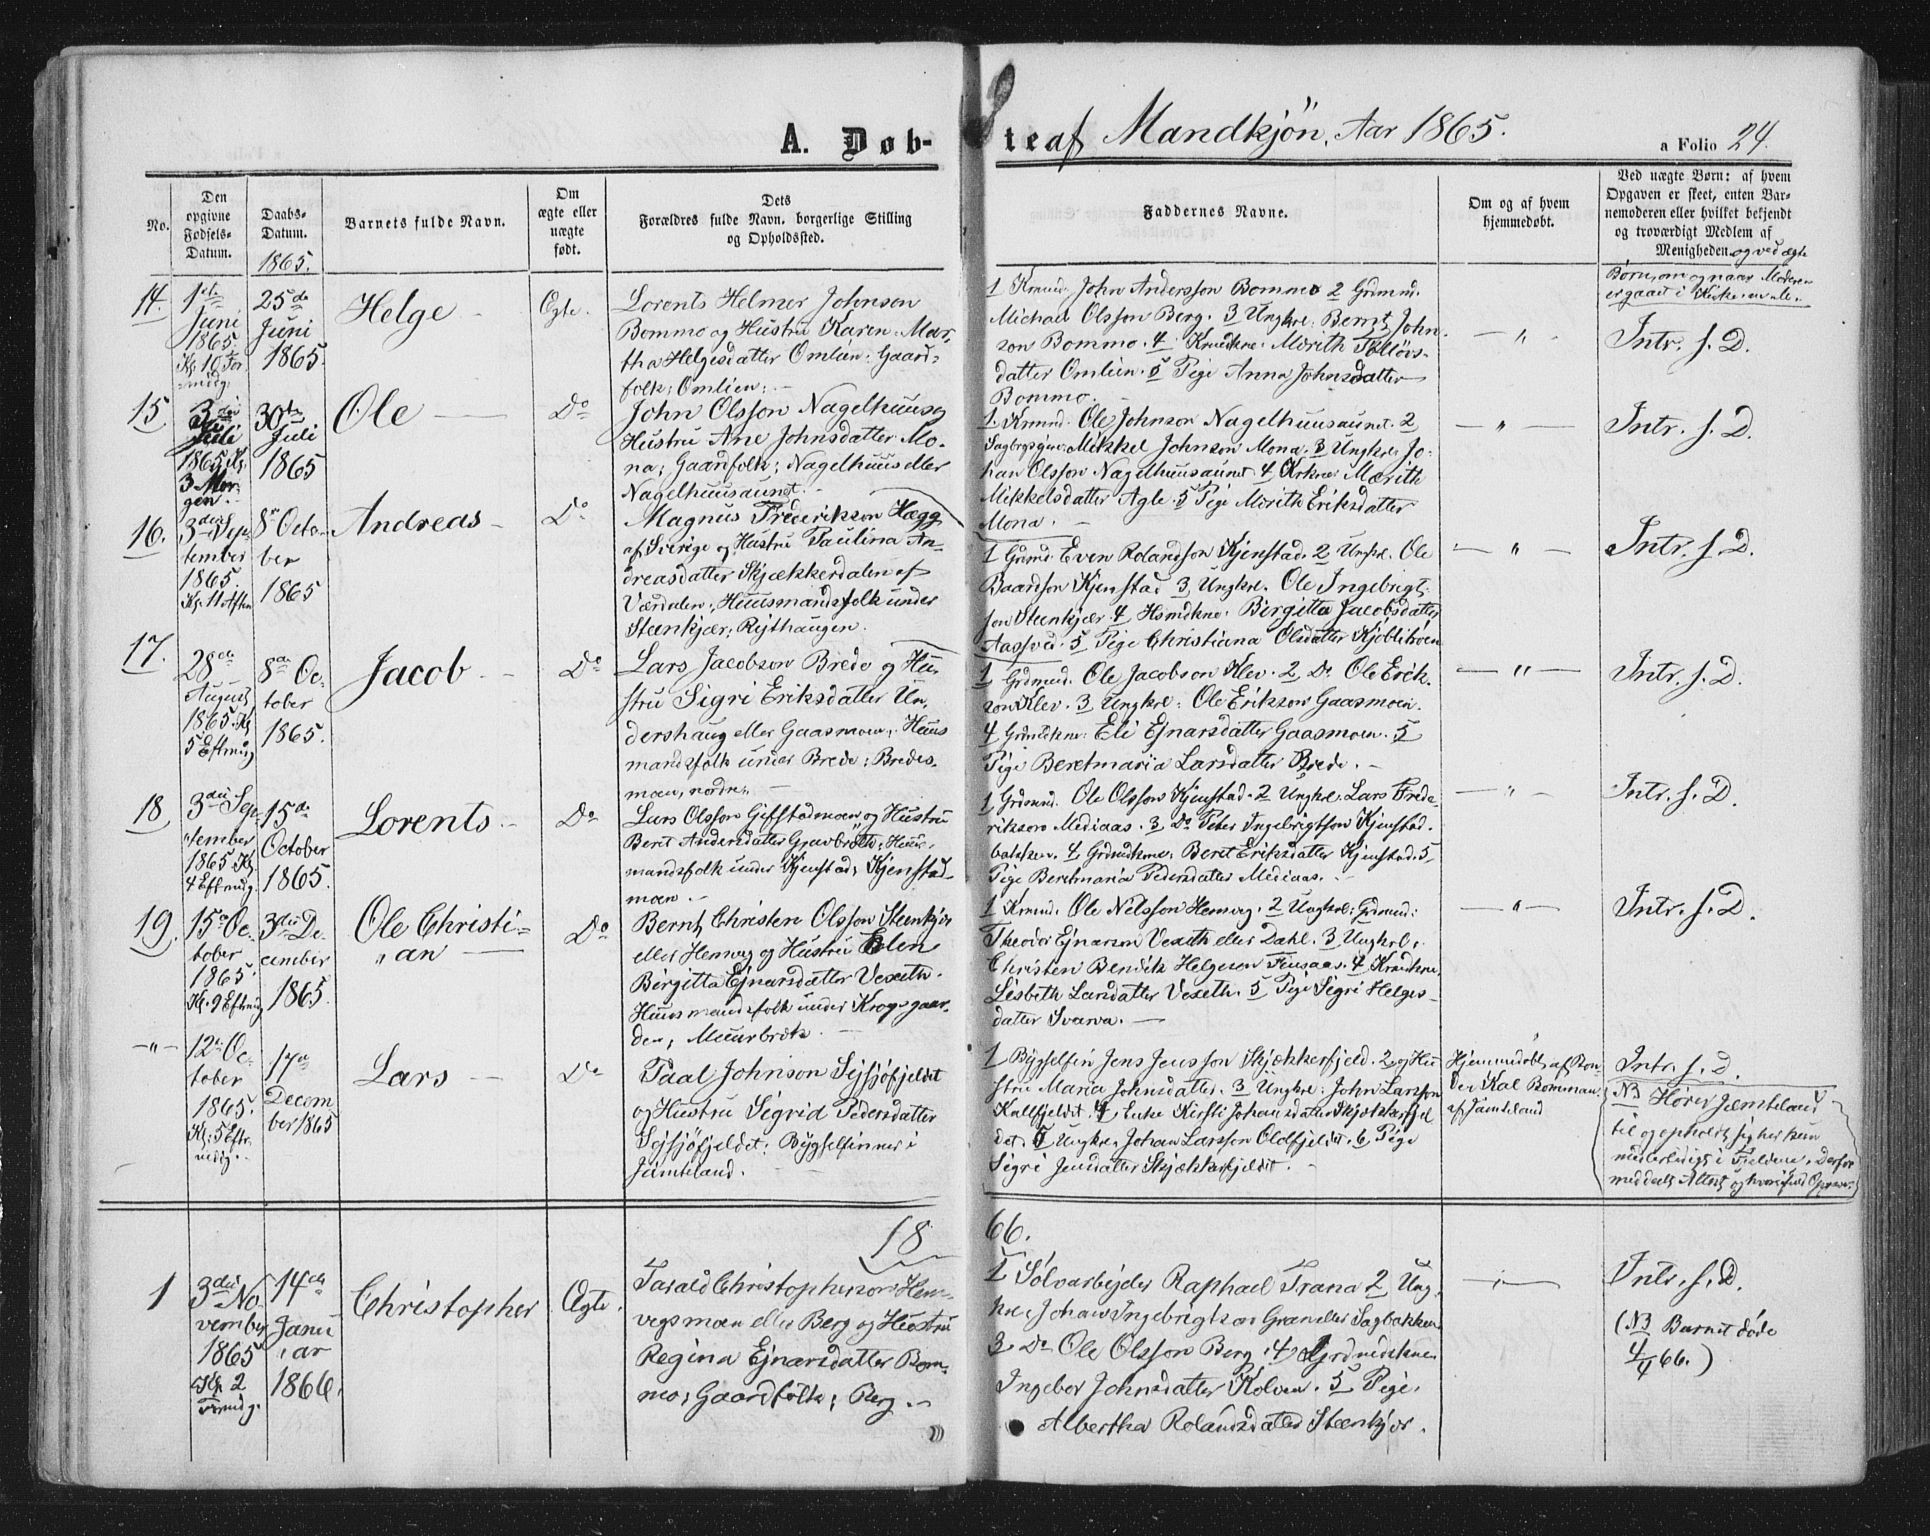 SAT, Ministerialprotokoller, klokkerbøker og fødselsregistre - Nord-Trøndelag, 749/L0472: Ministerialbok nr. 749A06, 1857-1873, s. 24